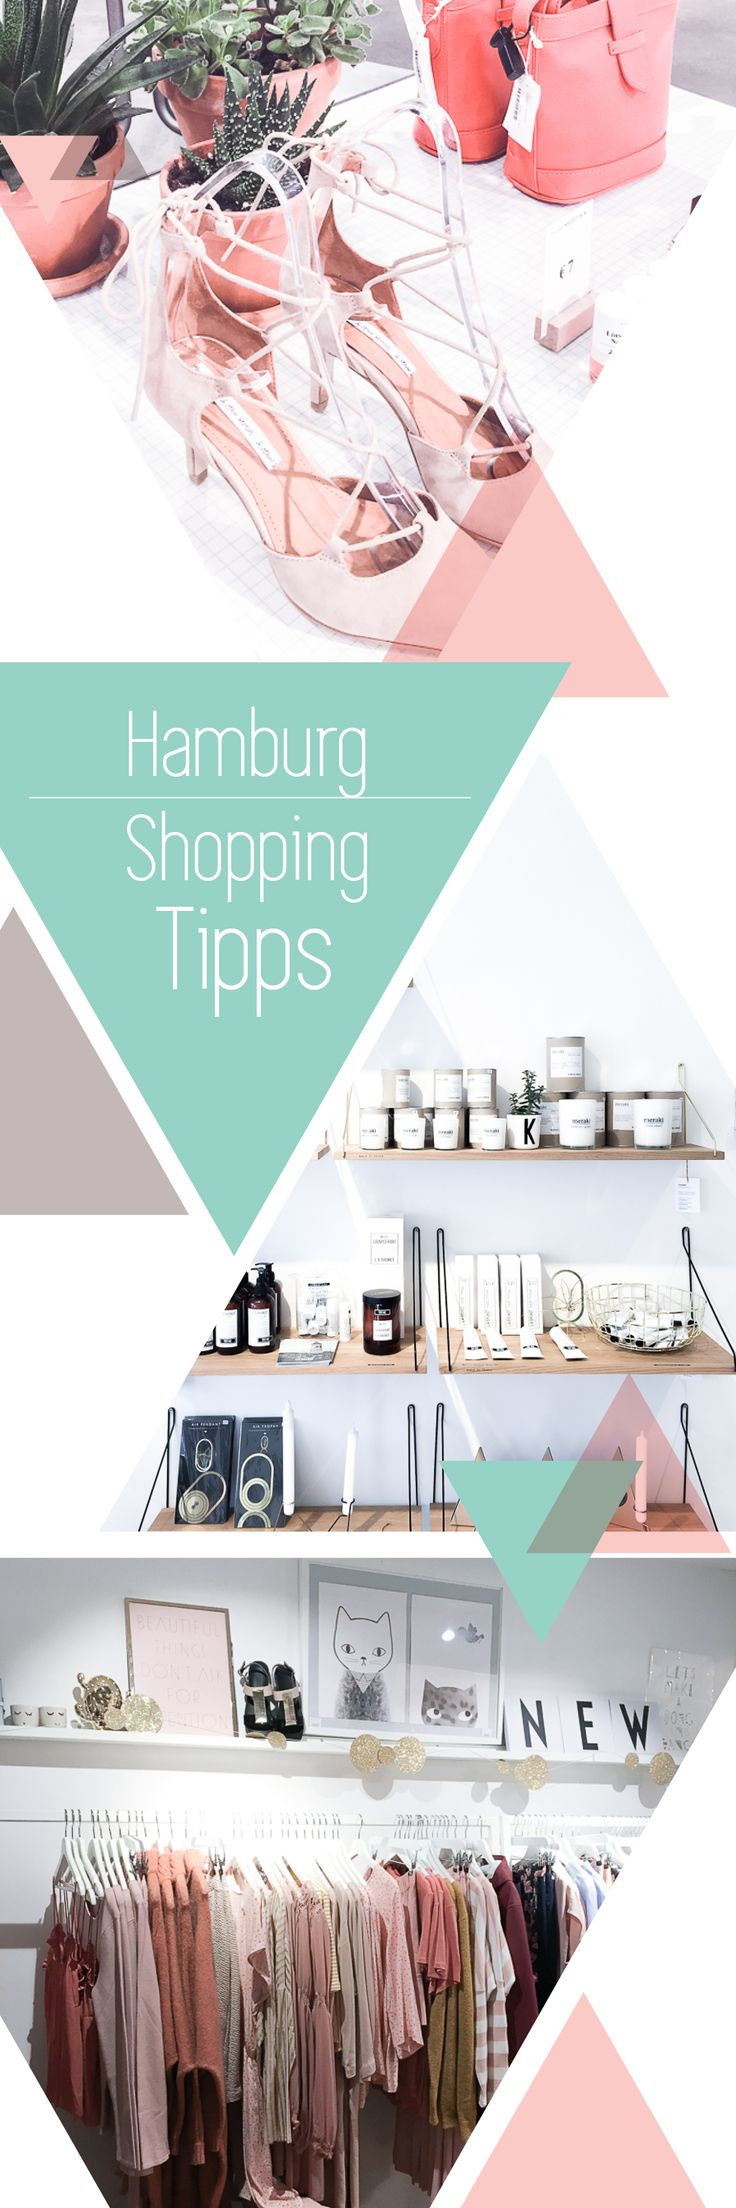 Städtetrip nach Hamburg? Diese Shops für Wohnaccessoires dürft ihr nicht verpassen